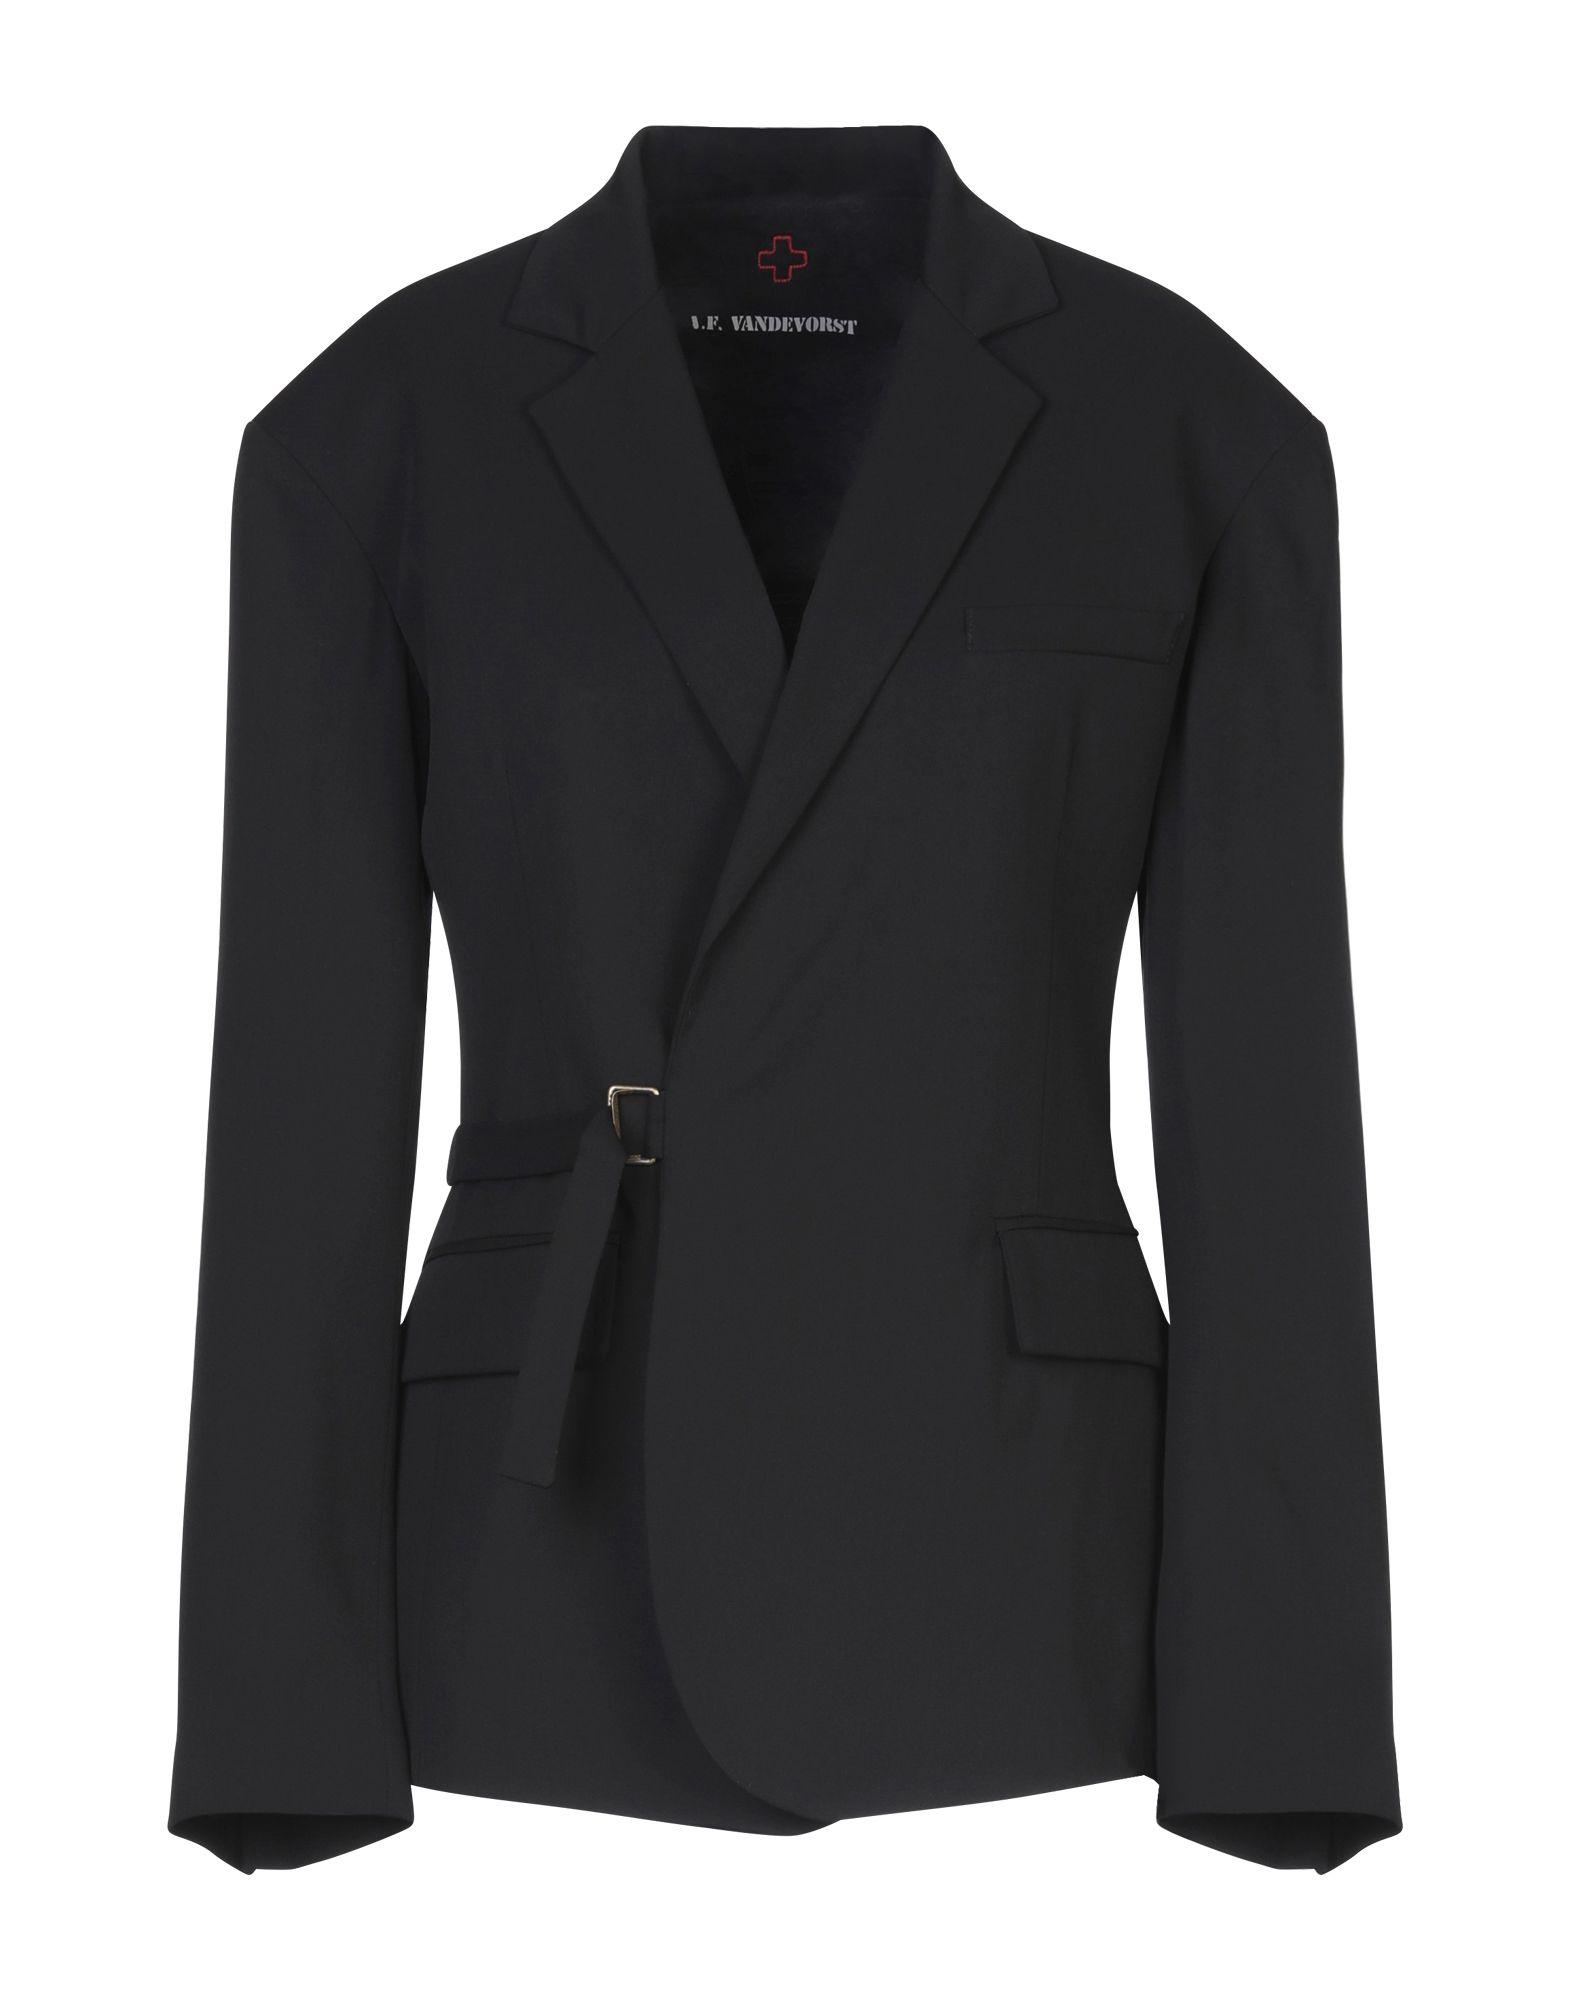 《セール開催中》A.F.VANDEVORST レディース テーラードジャケット ブラック 34 PES - ポリエーテルサルフォン 100%